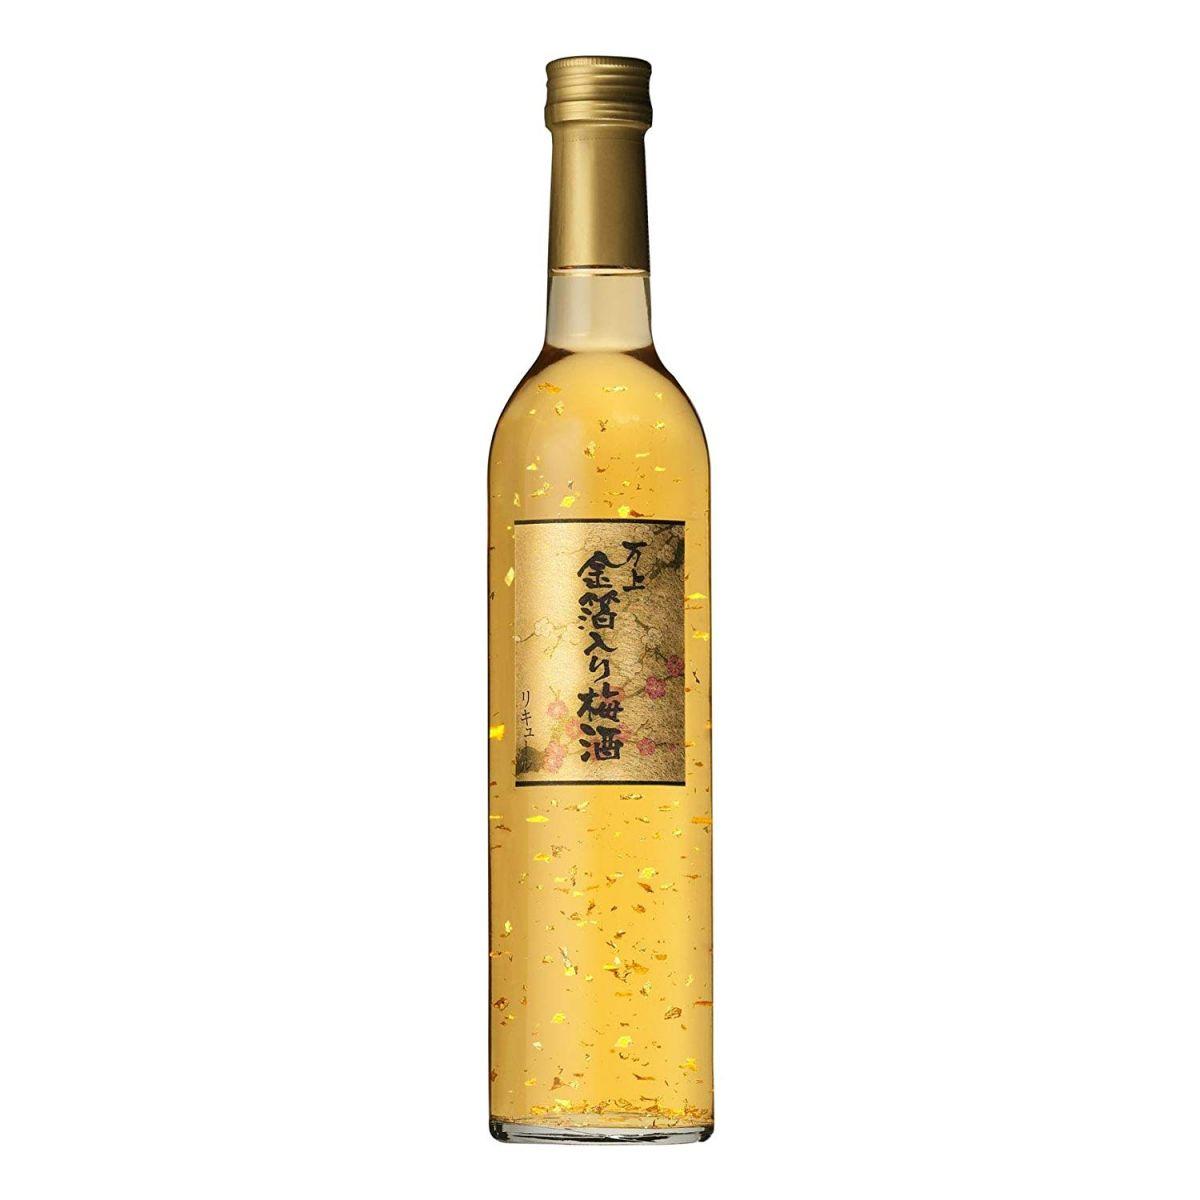 Rượu mơ vảy vàng Kikkoman 500ml